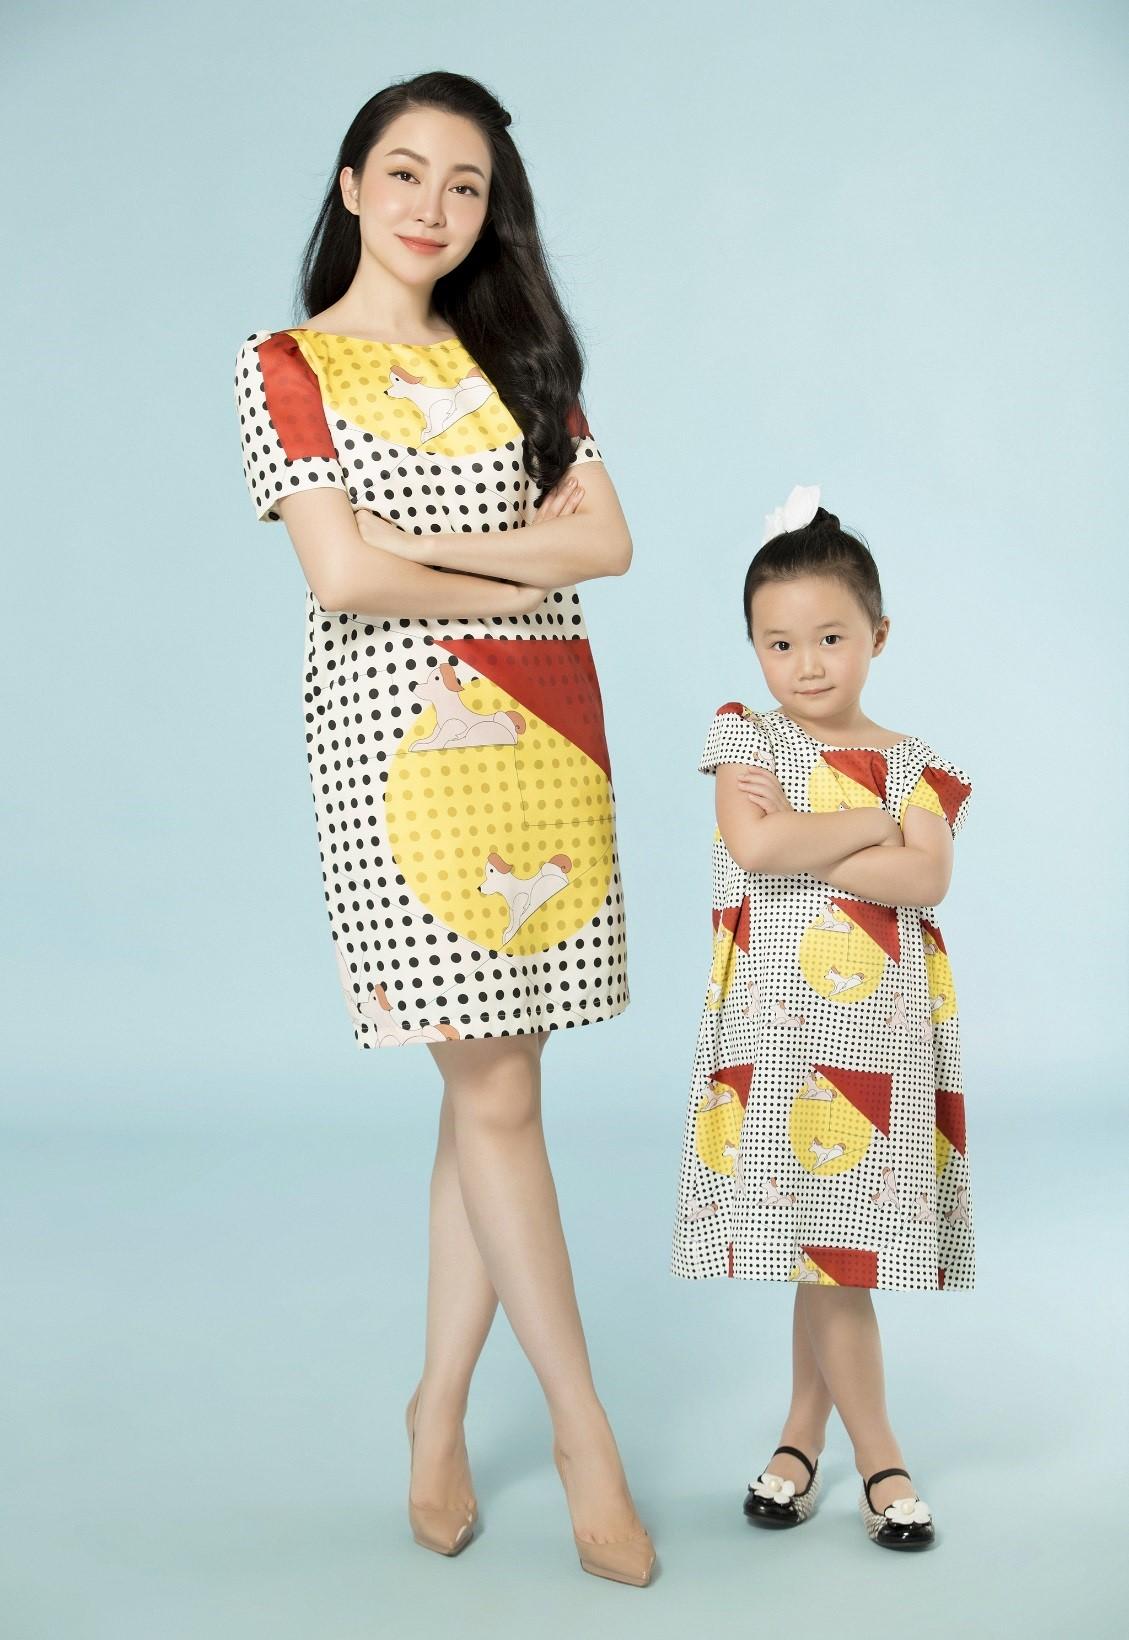 Cùng Vy Oanh, Linh Nga, Trương Quỳnh Anh và Ngọc Diễm mang nụ cười đến trẻ em Việt Nam - Ảnh 4.